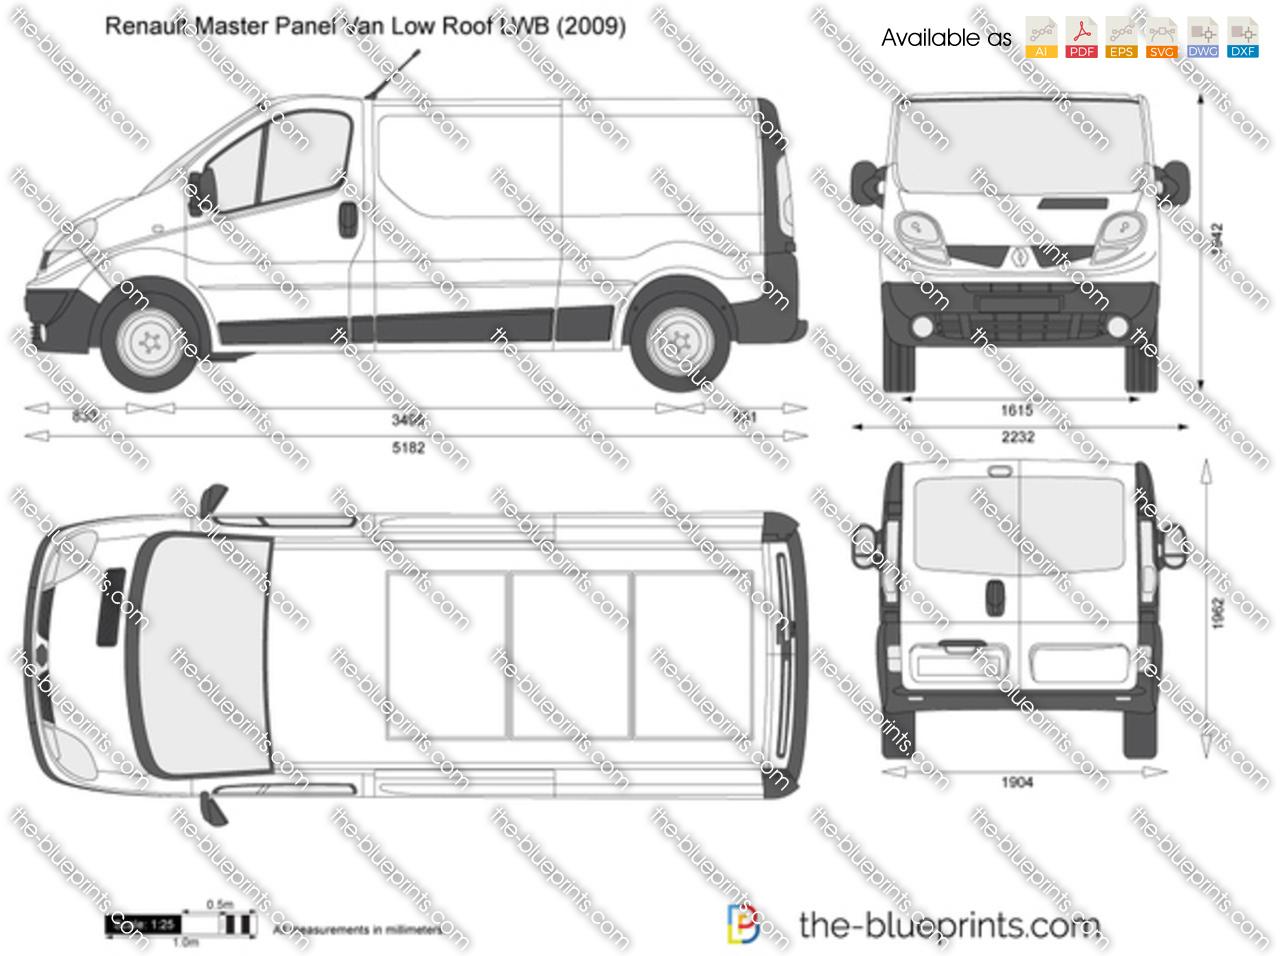 Renault Trafic Panel Van Low Roof LWB 2010